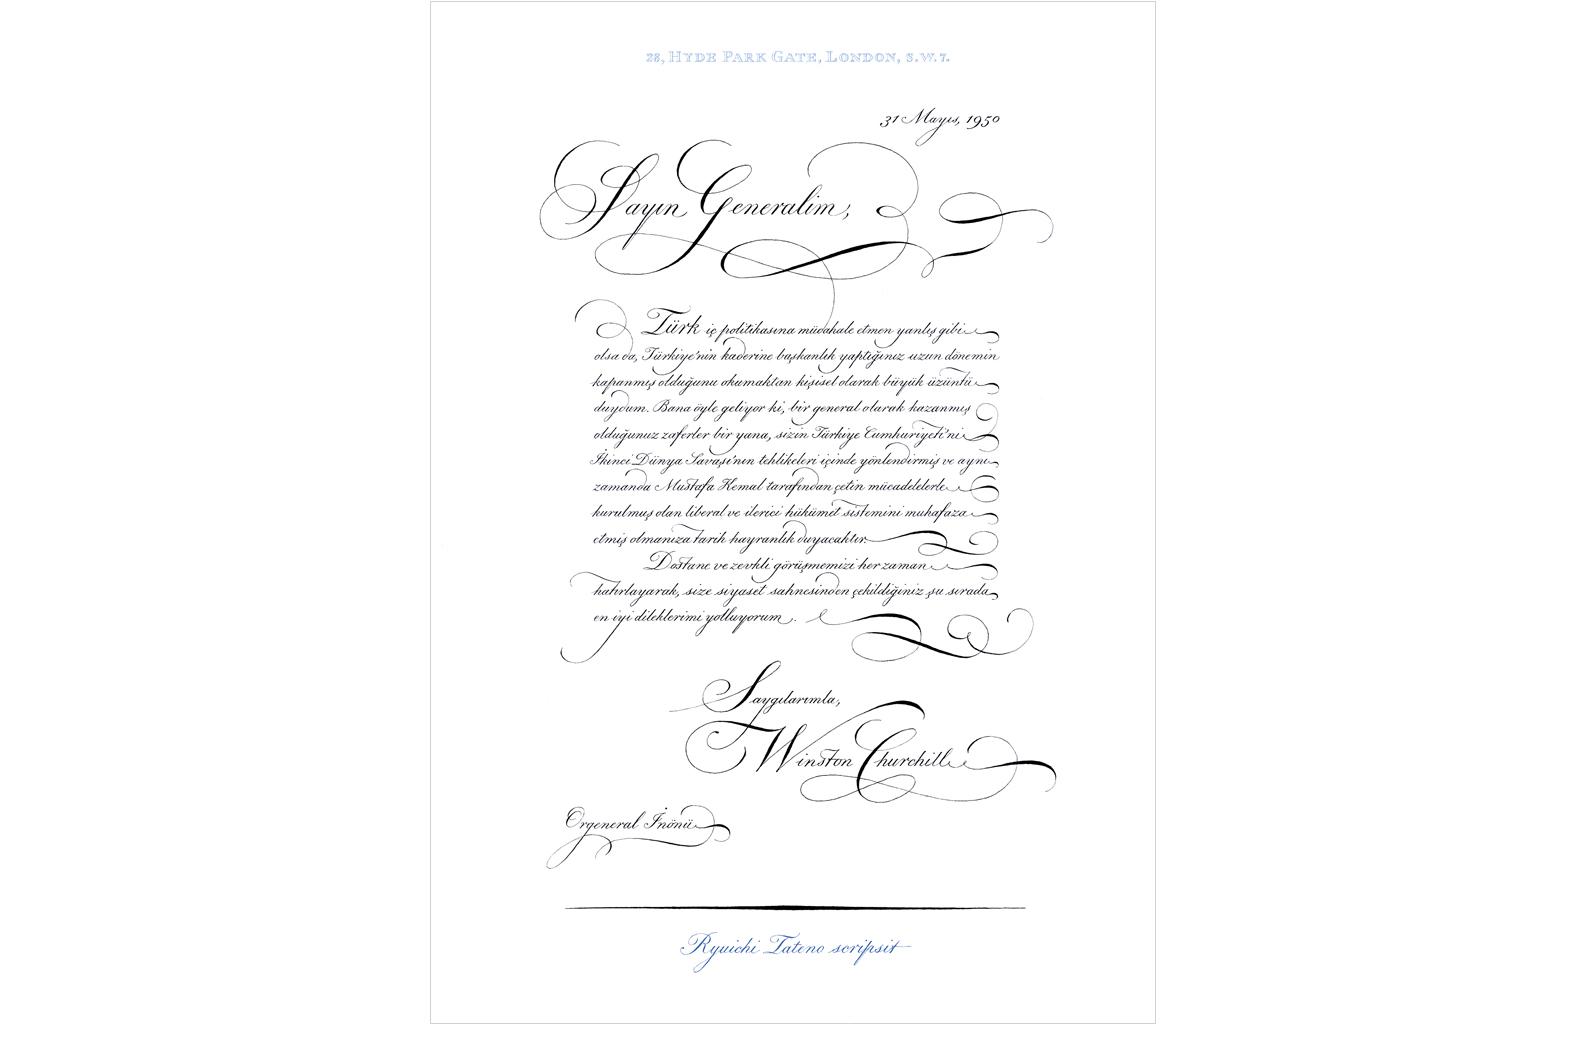 Churchill's letter